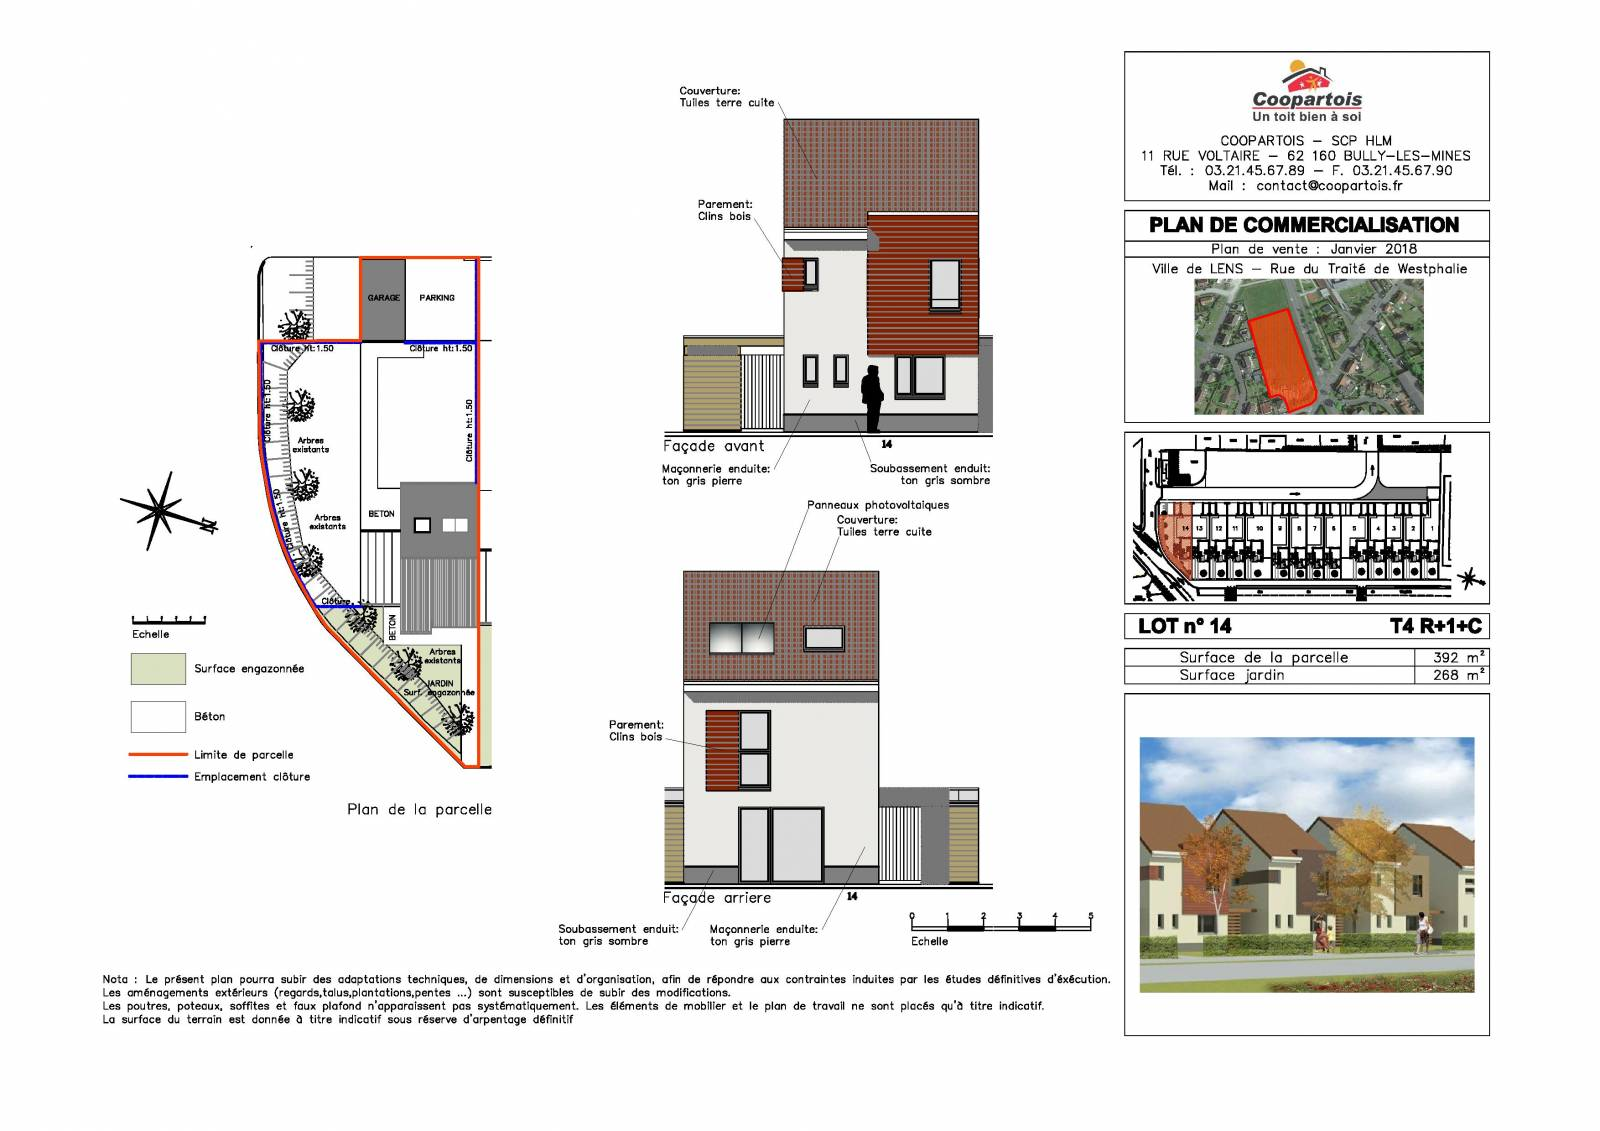 Maison neuve 3 chambres duplex n 14 coopartois for Plan de maison duplex 3 chambres